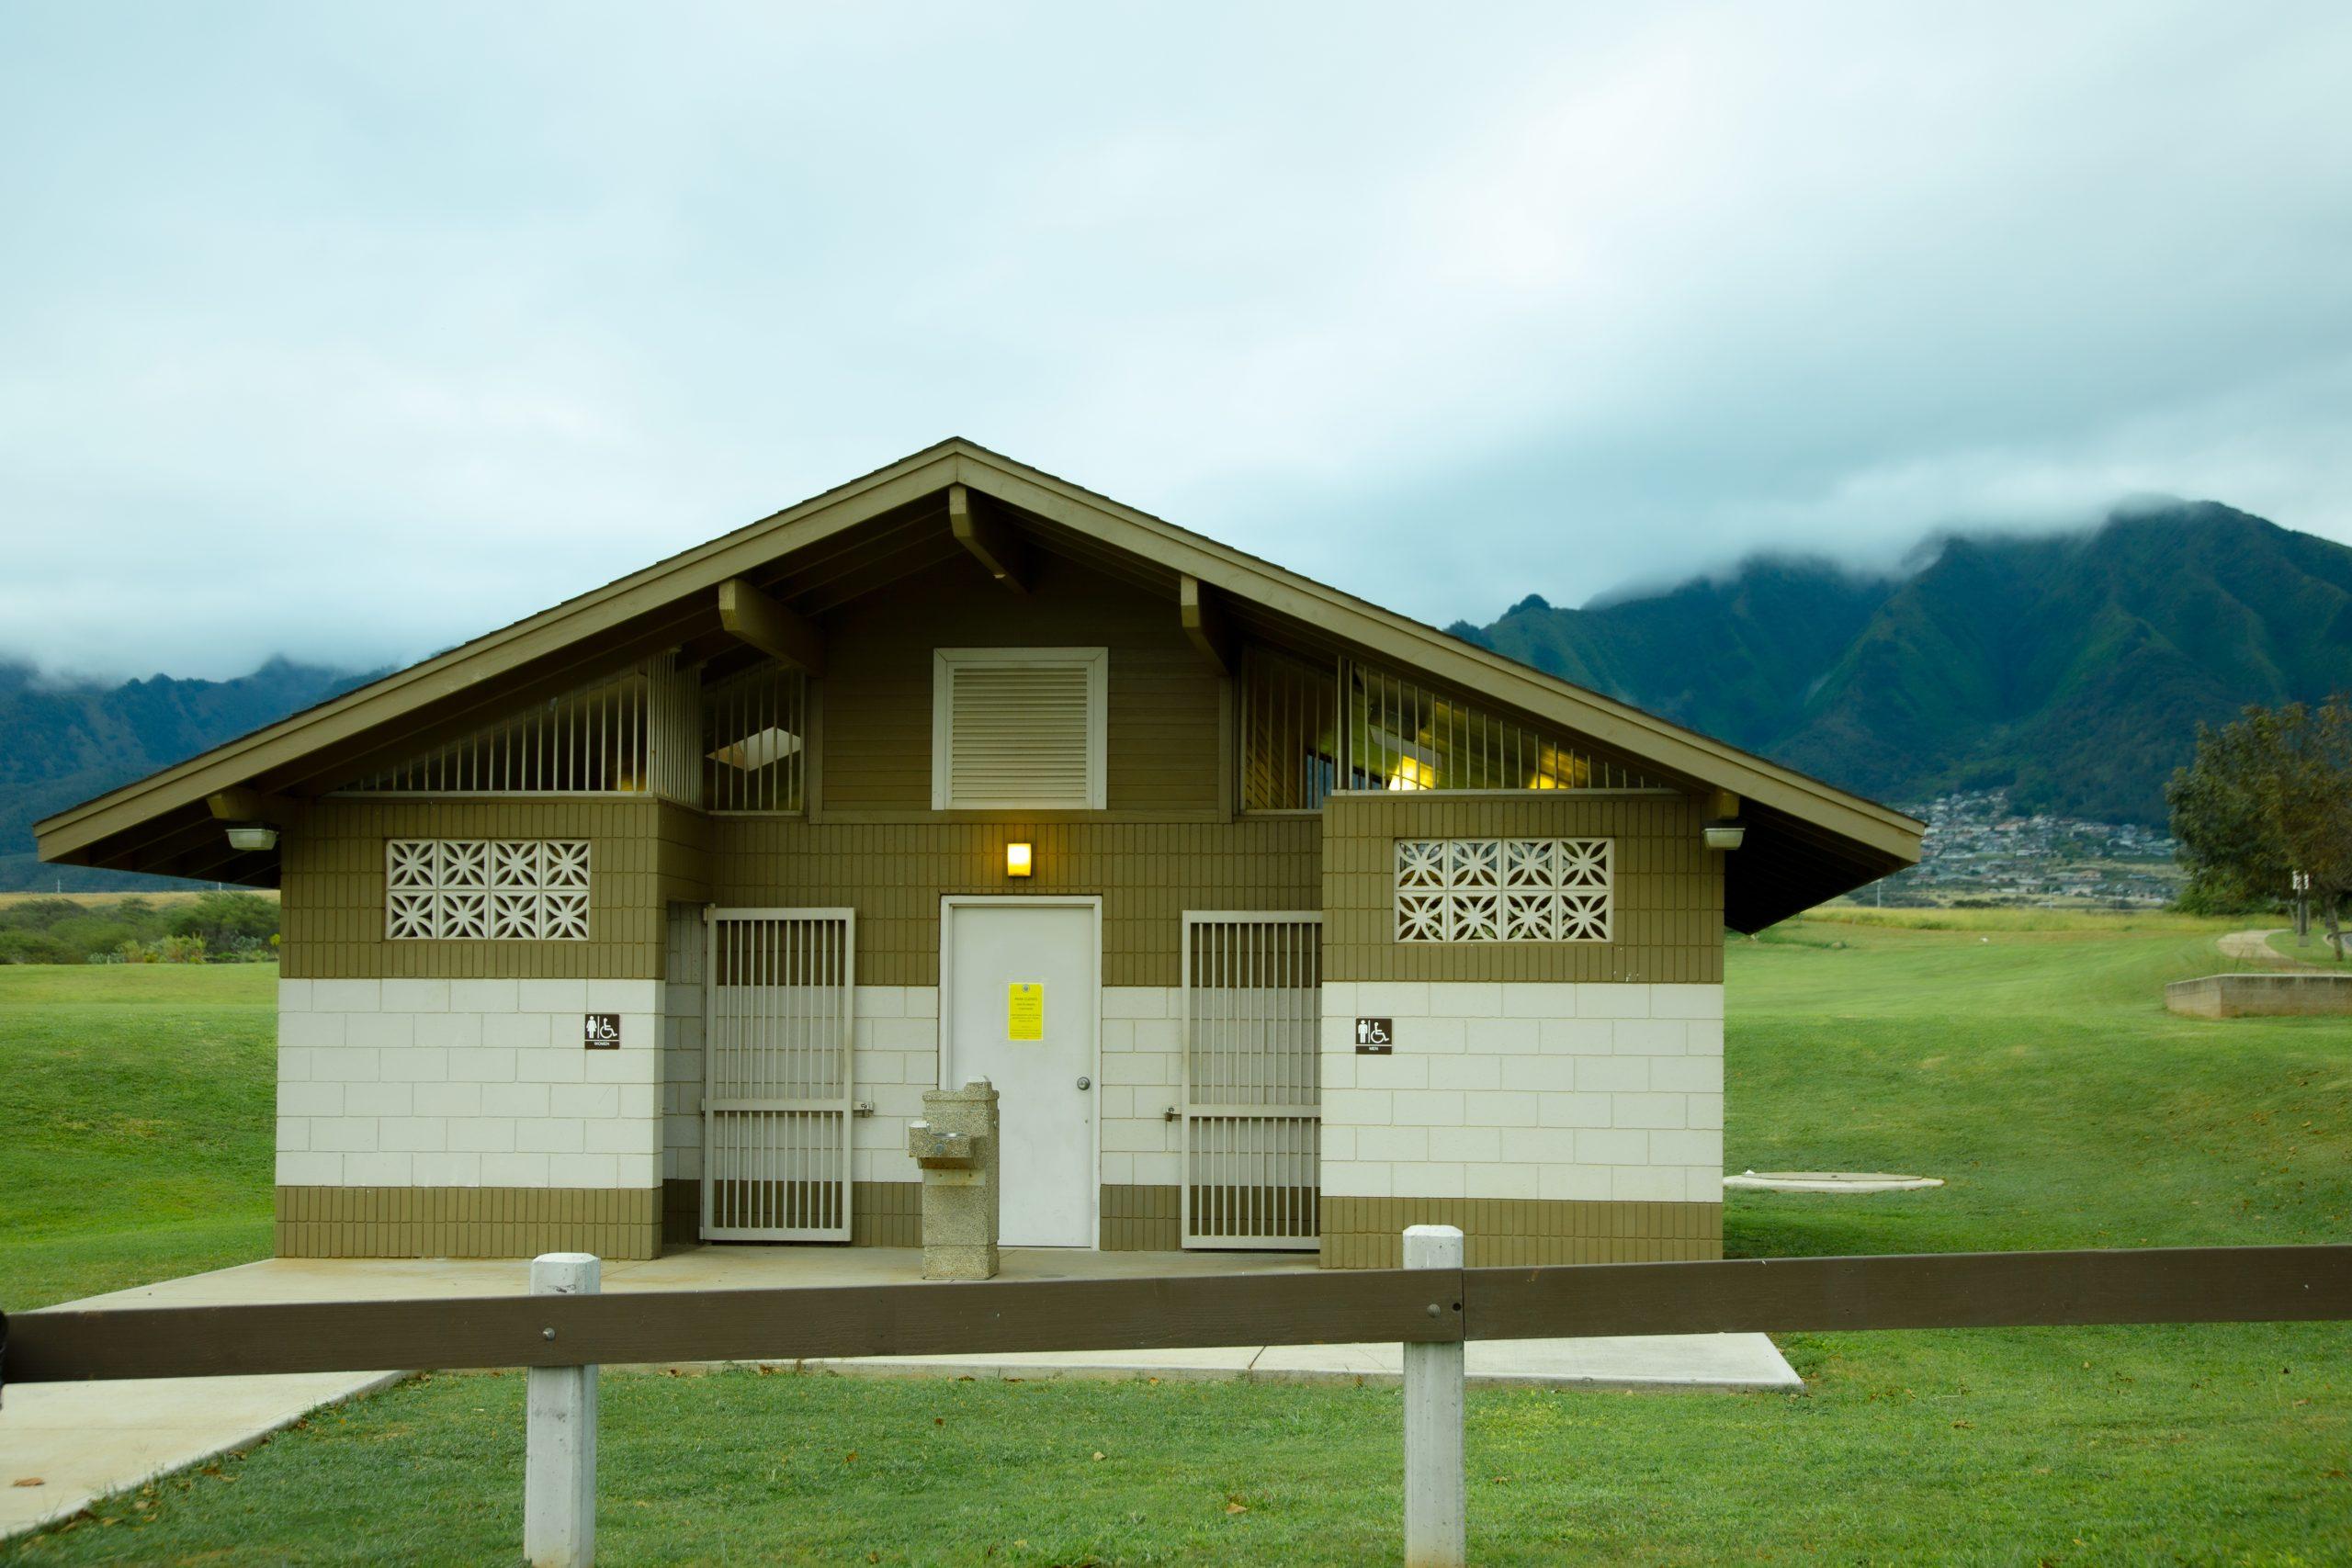 Maui Lani Regional Park